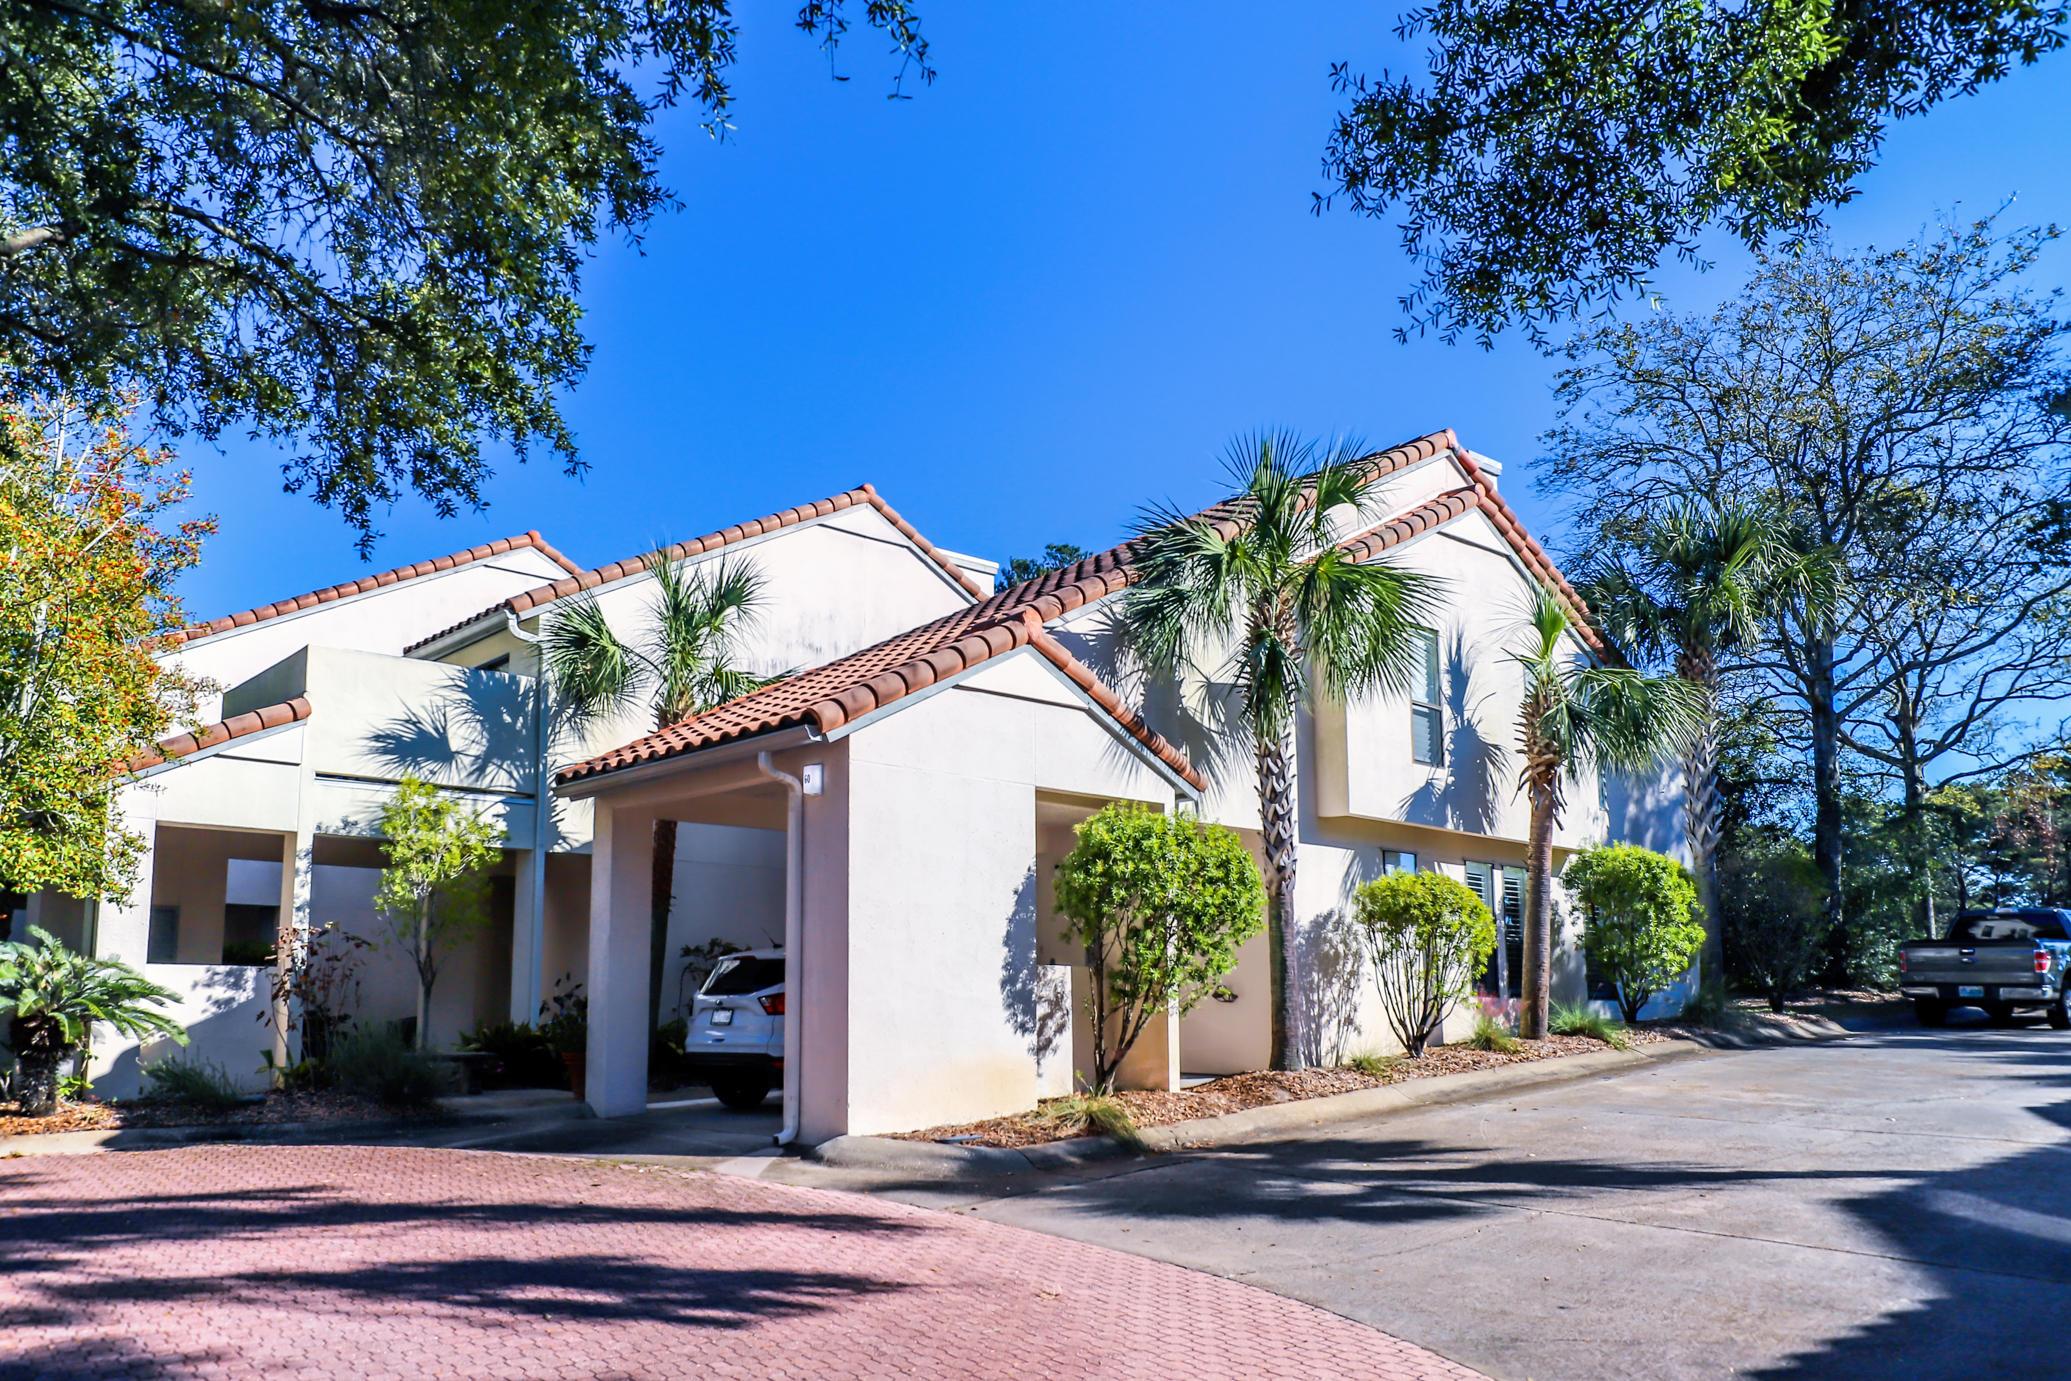 Photo of home for sale at 60 Kensington, Miramar Beach FL